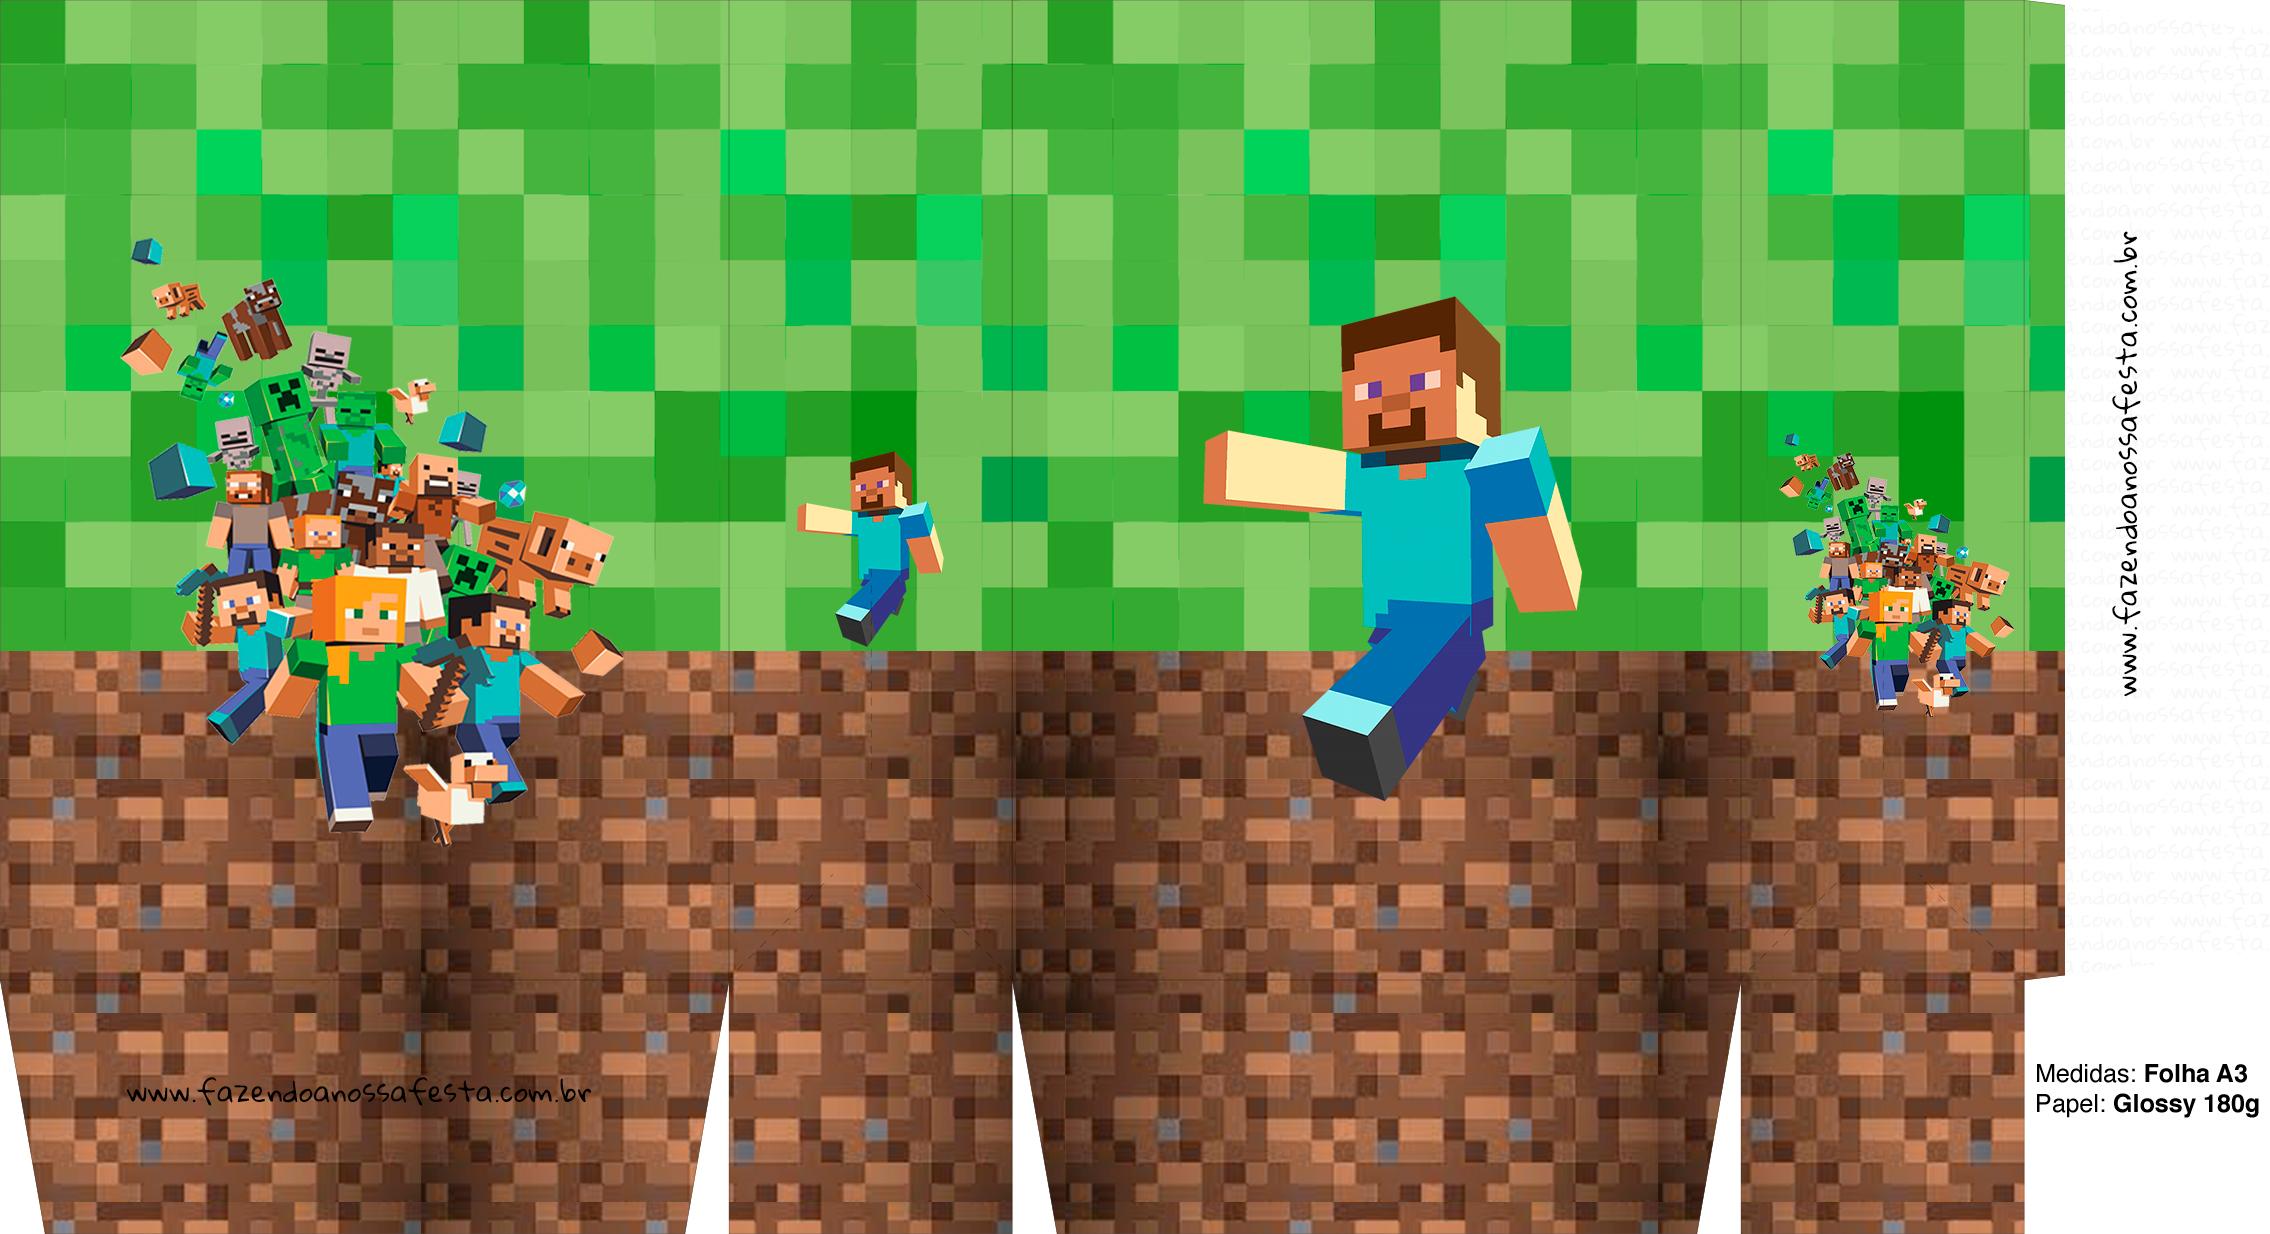 Letras Minegraft Fazendo A Nossa Festa: Sacolinha Surpresa Minecraft A3 6